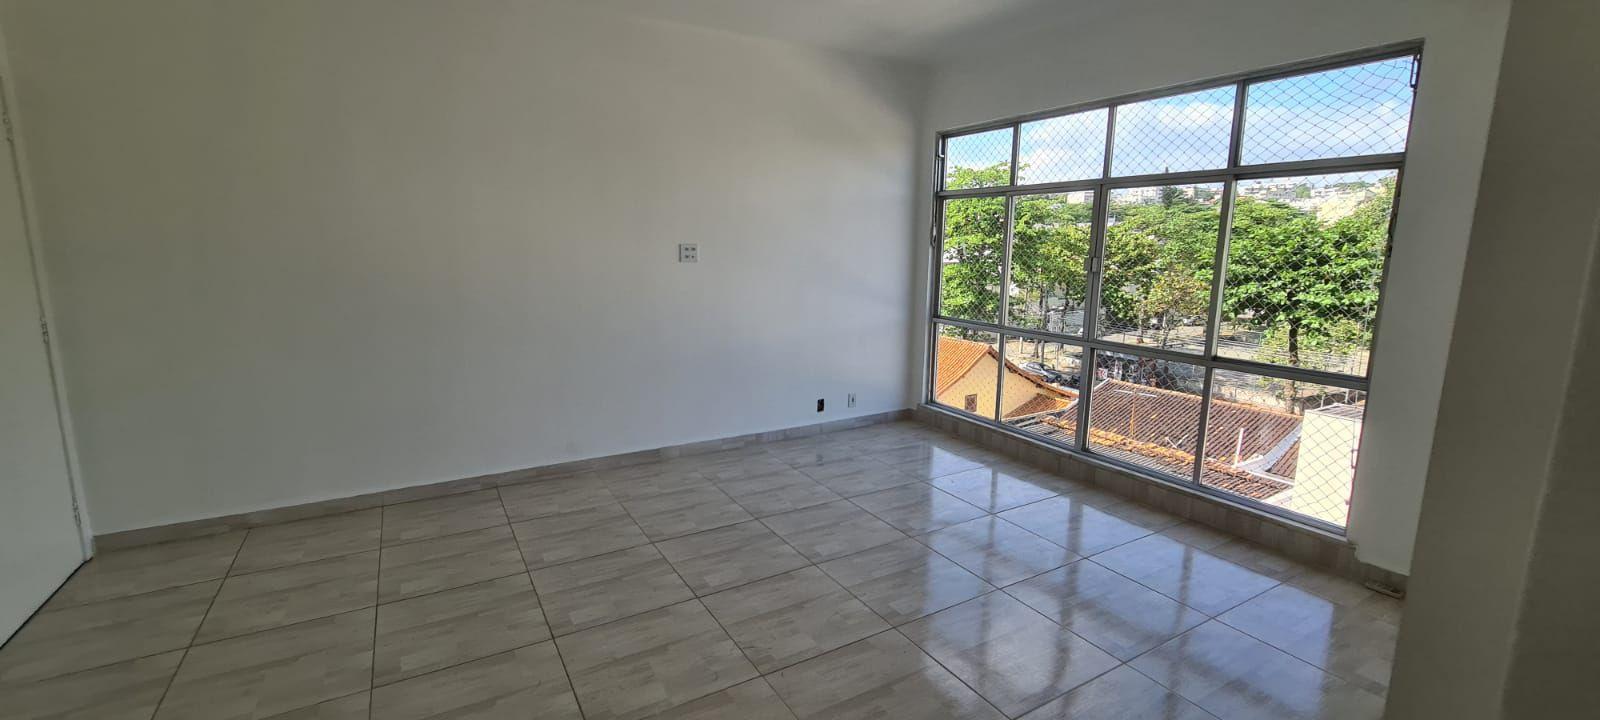 Sala - Apartamento 2 quartos à venda Rio de Janeiro,RJ - R$ 480.000 - 109 - 2